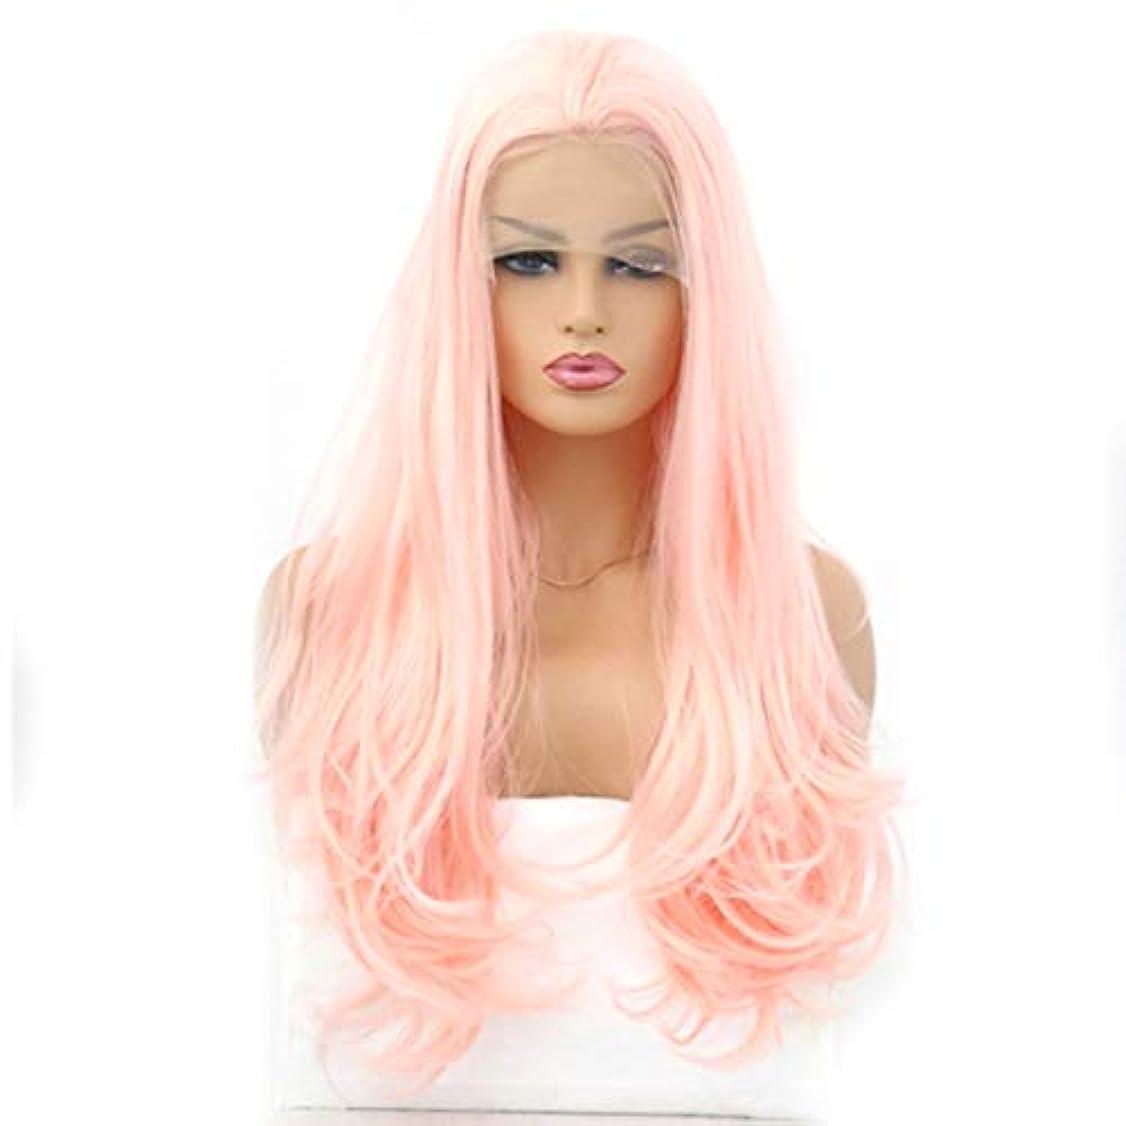 言語学違反受け入れKerwinner 女性のためのウィッグライトピンク化学繊維フロントレースロングカーリーヘア (Size : 22 inches)